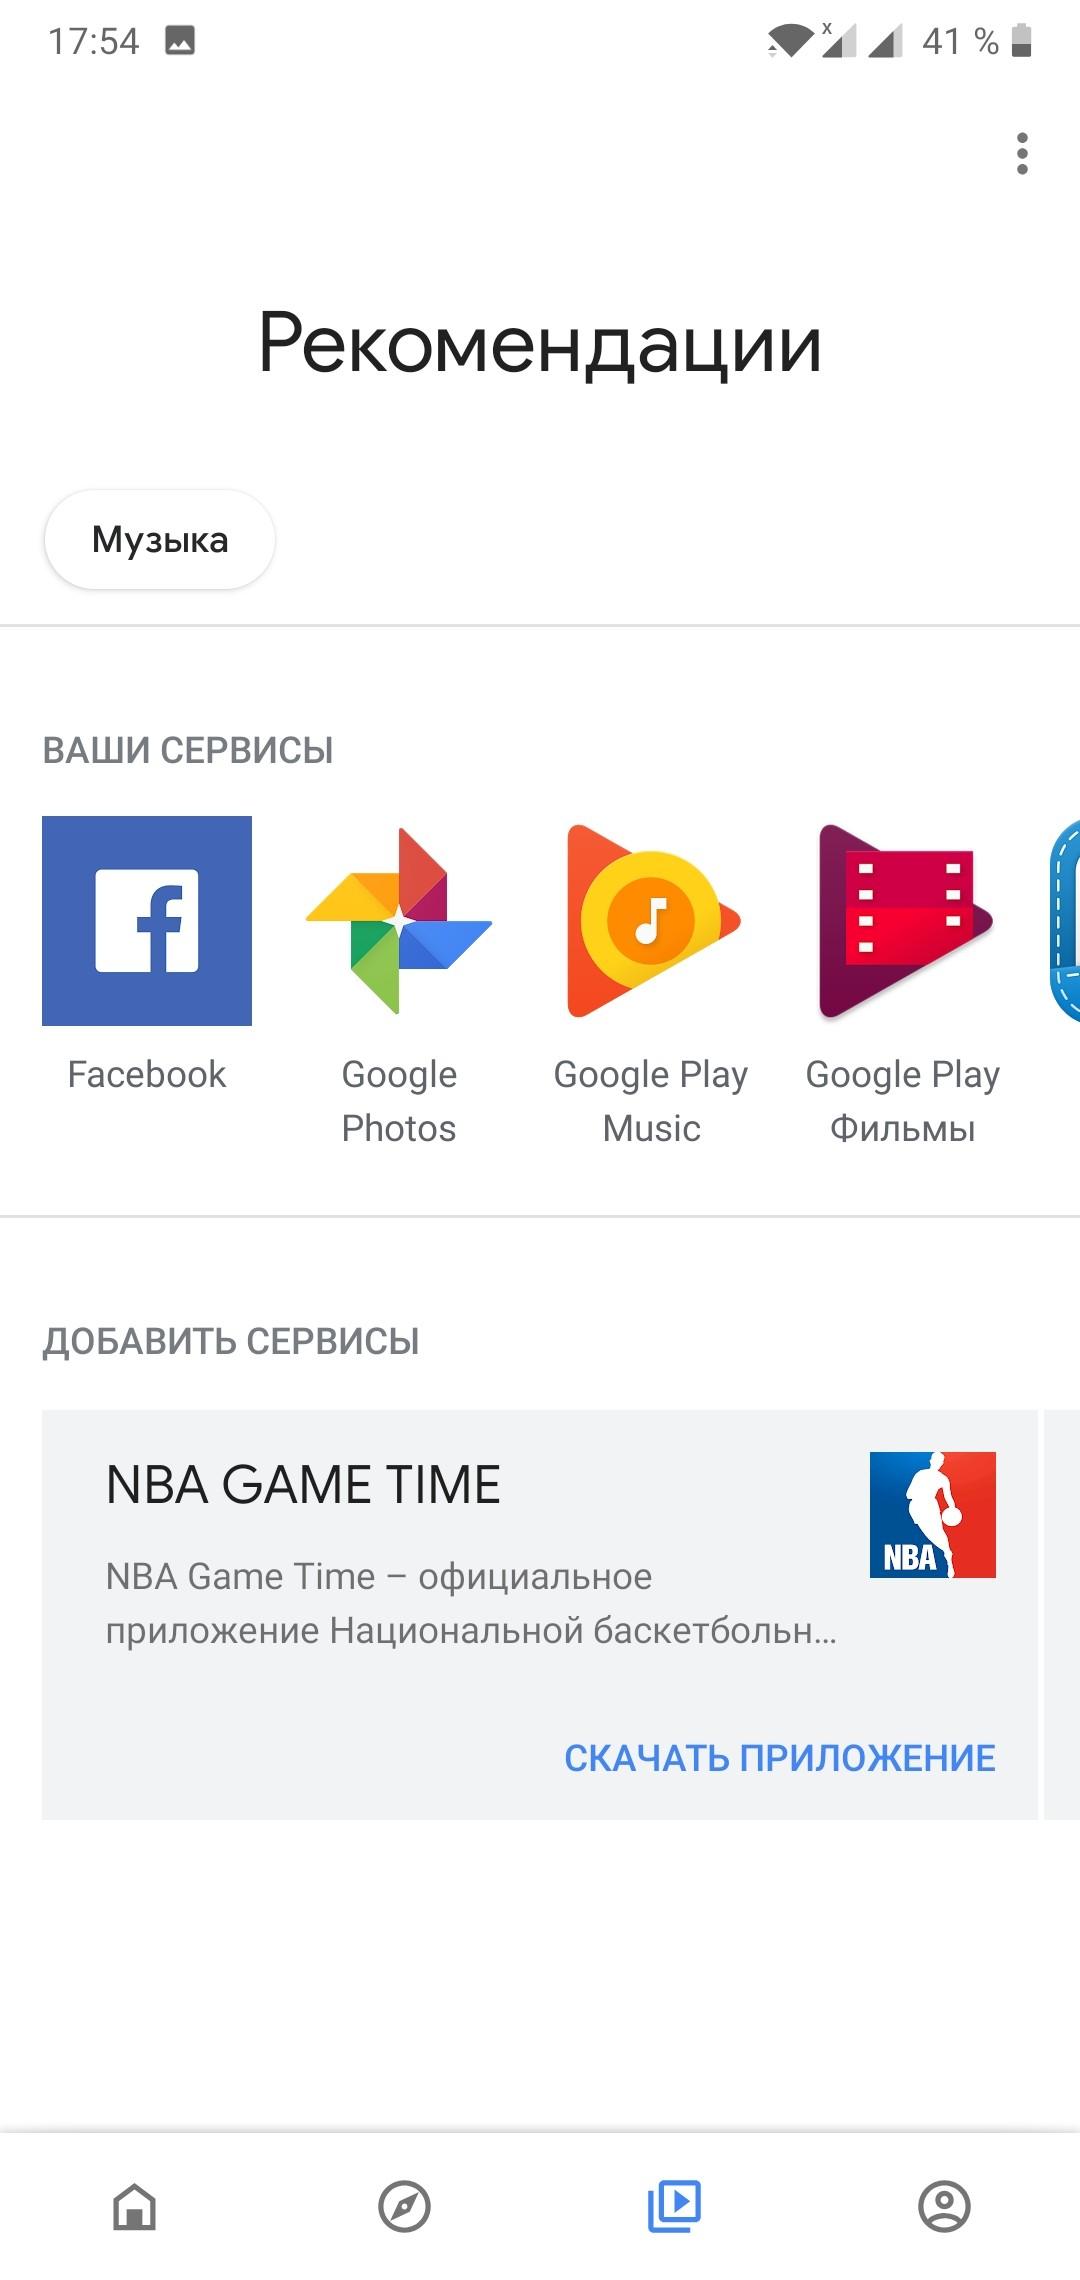 Приложение Google Home получило новый дизайн5